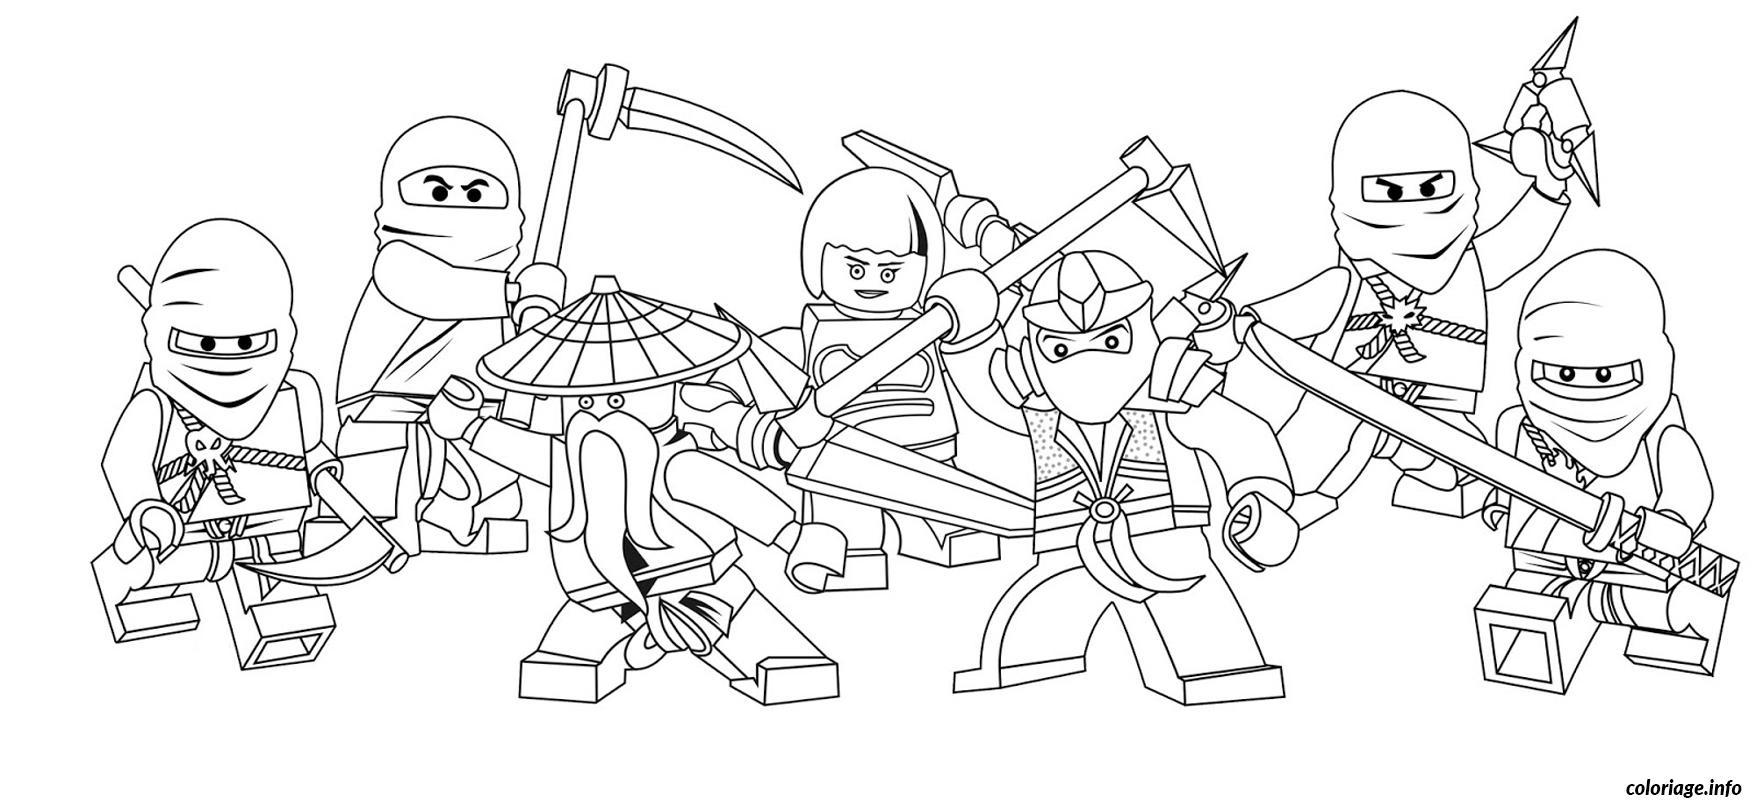 Coloriage ninjago equipe complete lego dessin dessin - Dessin de ninjago a imprimer ...